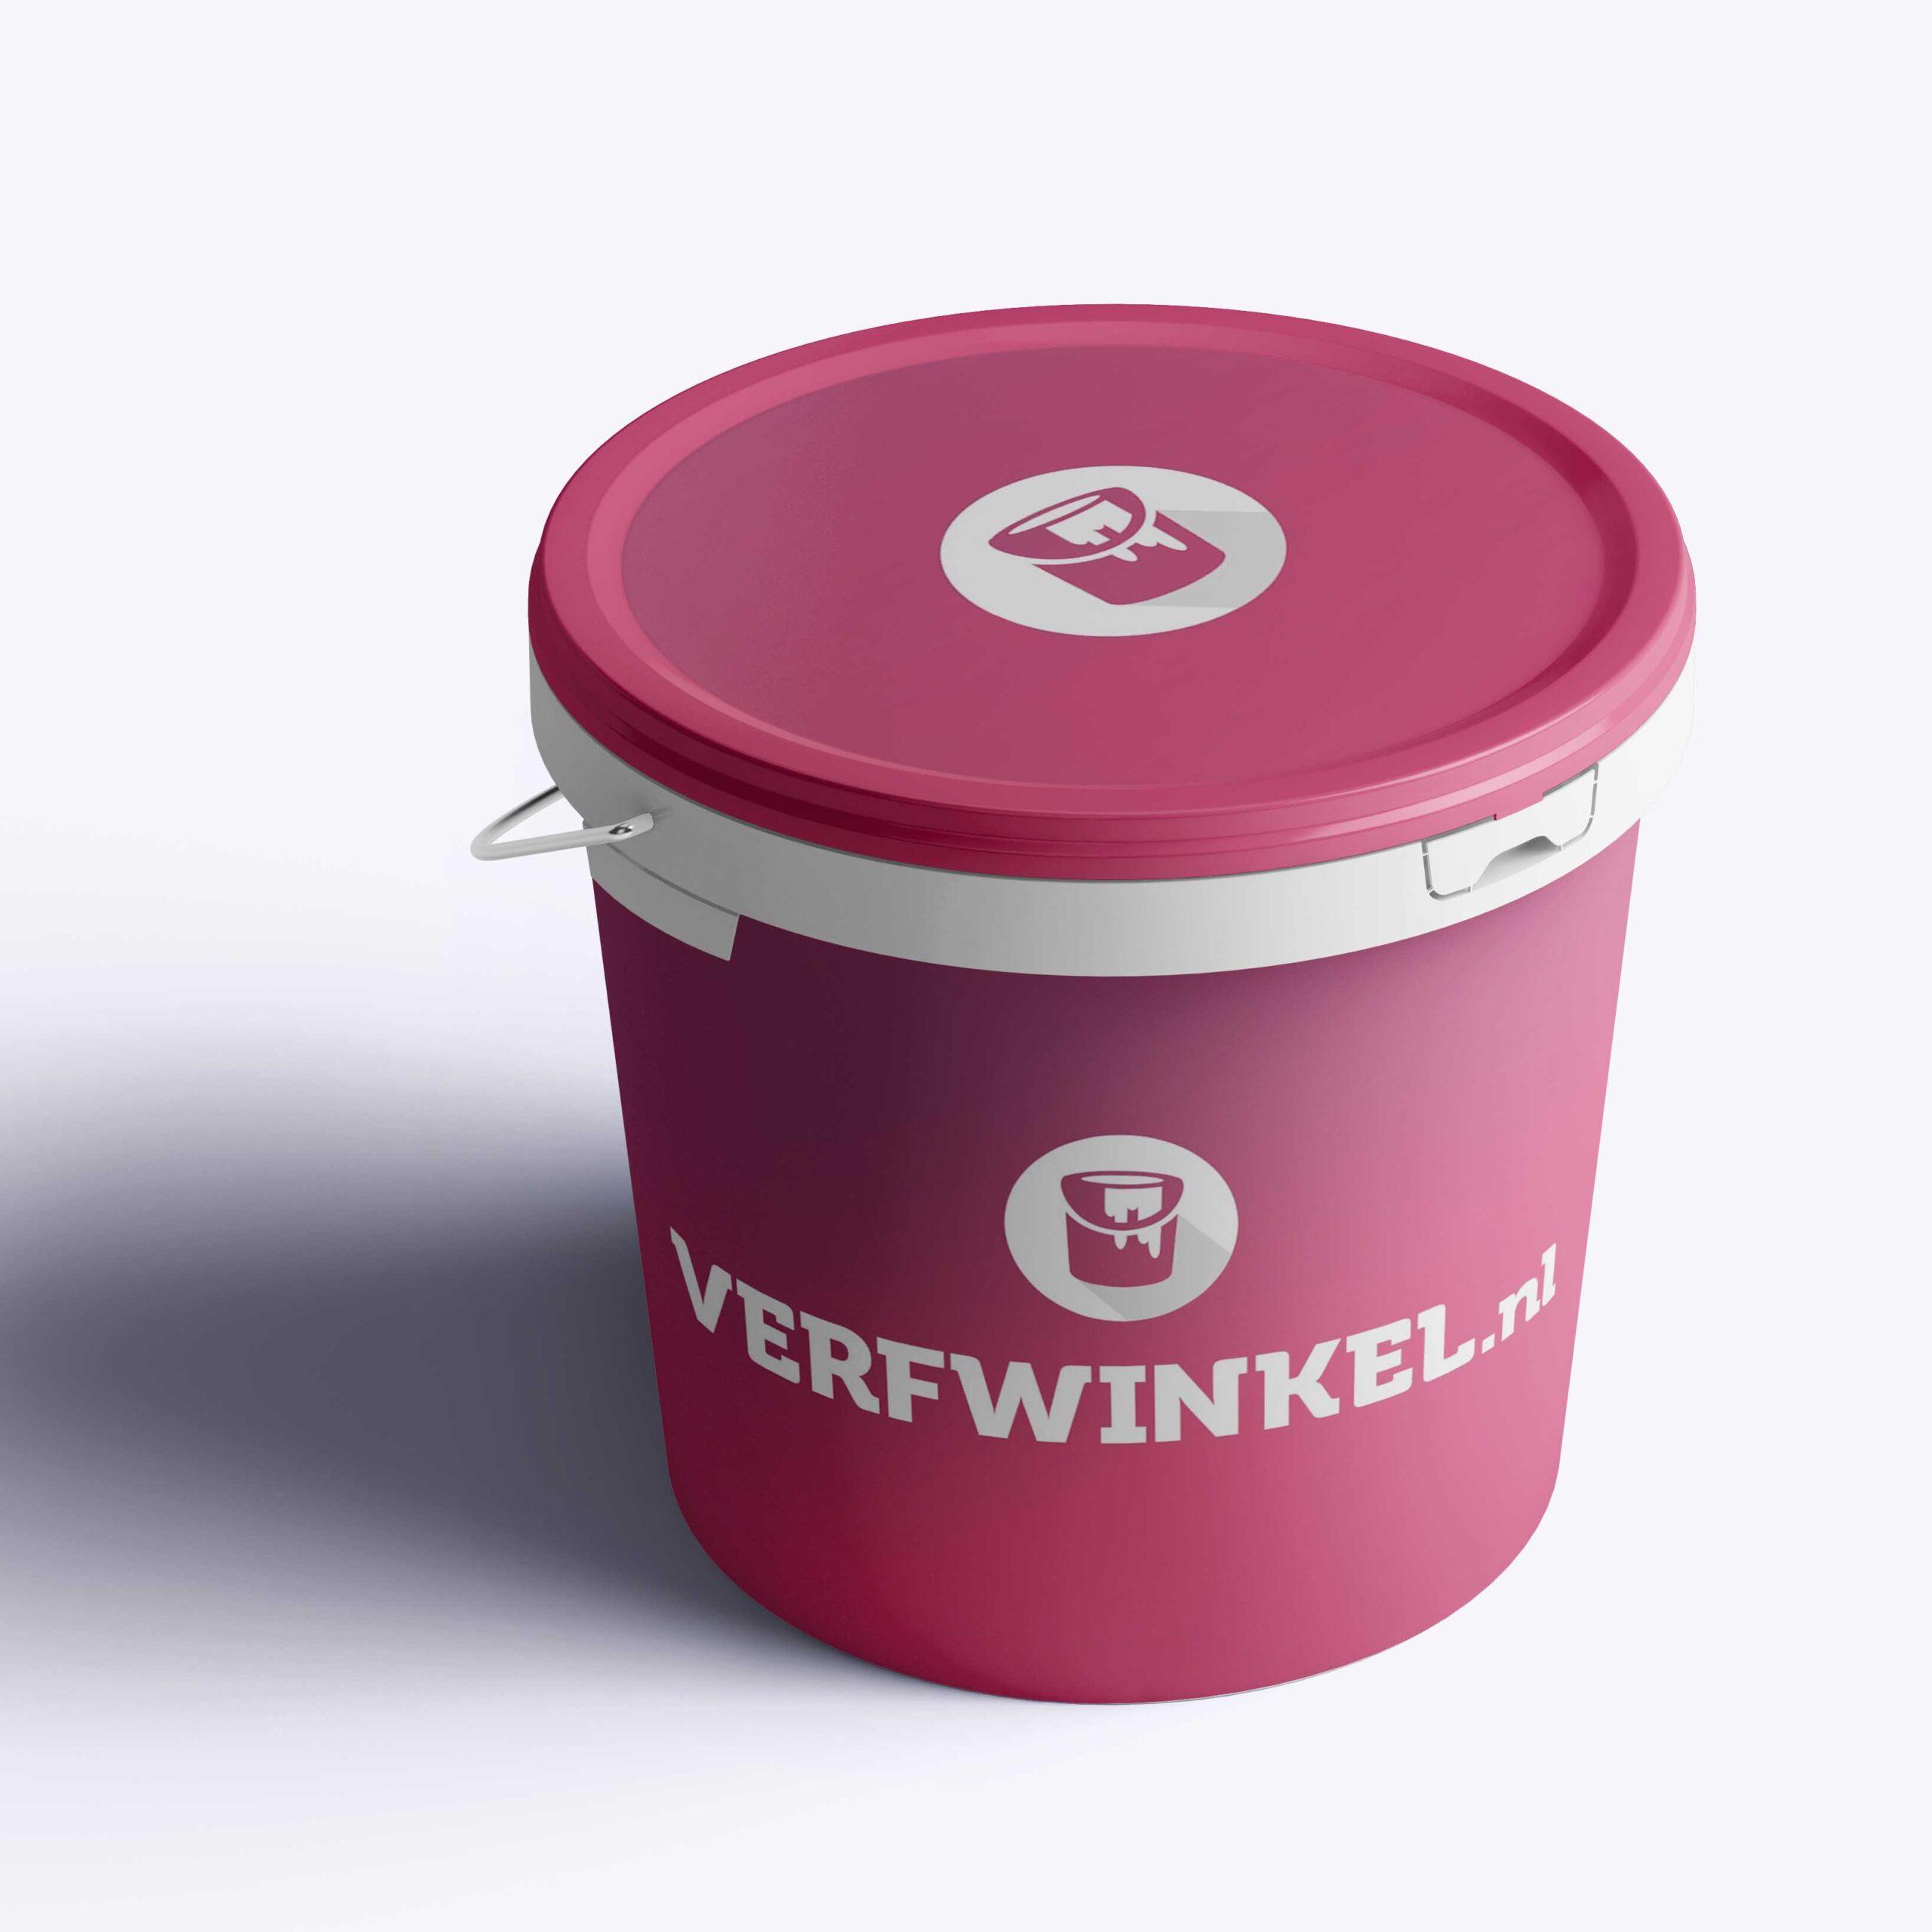 Case Klantenservice Verfwinkel.nl door B-Partners